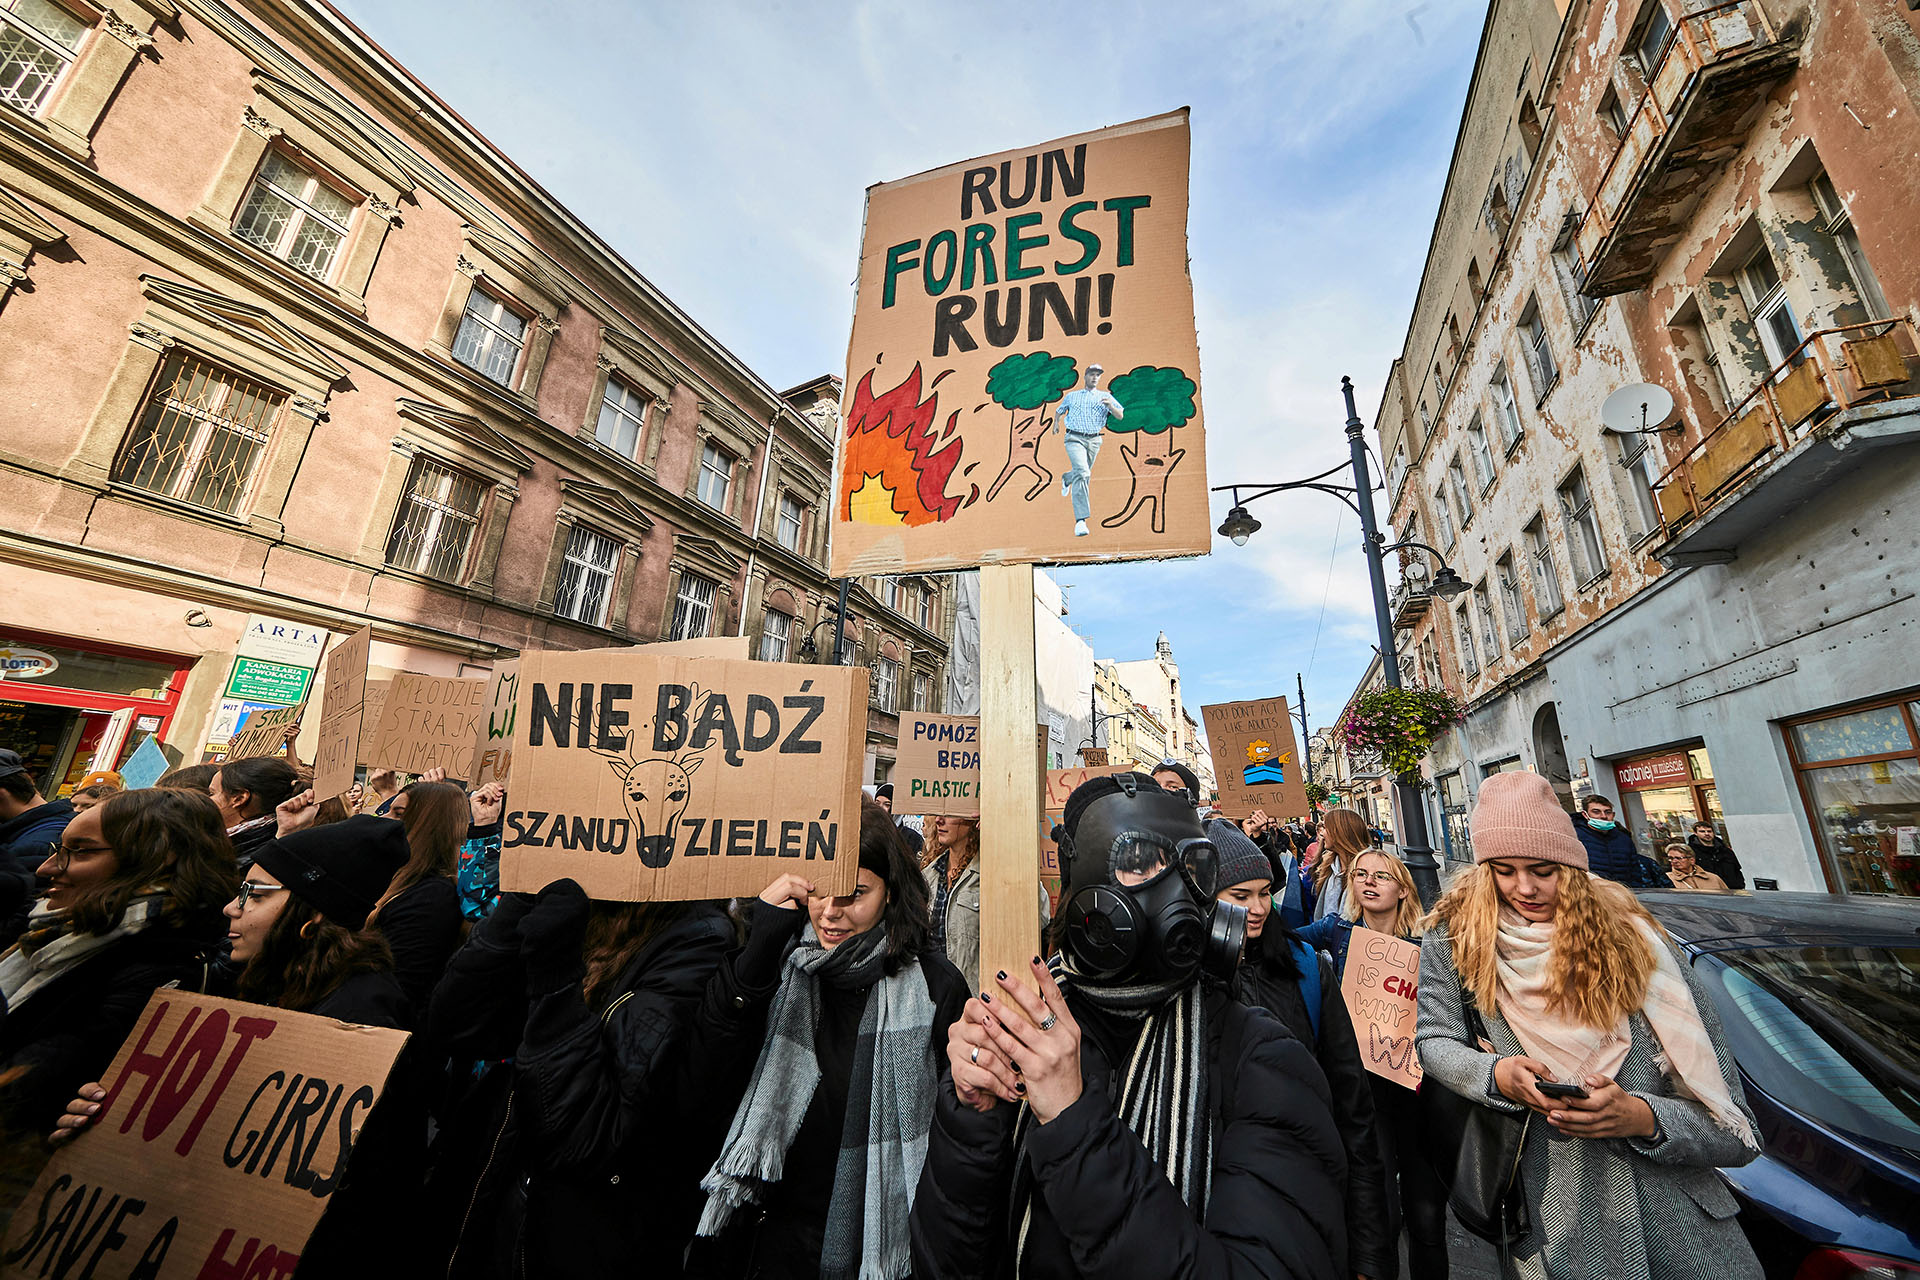 Jóvenes activistas participaron de la manifestación ambiental en Lodz, Polonia, el 20 de septiembre de 2019 (Tomasz Stanczak/Agencja Gazeta via REUTERS)